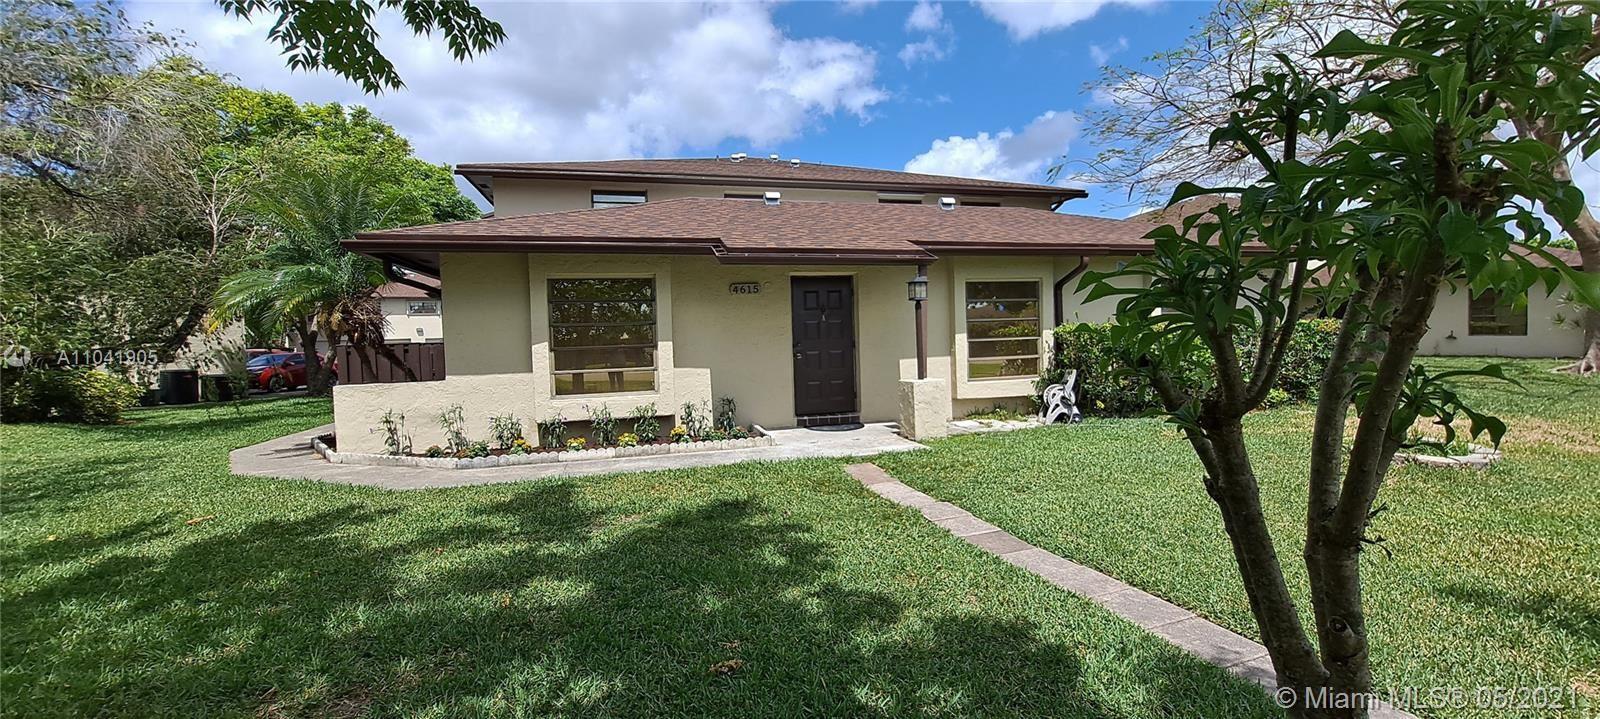 4615 SW 139th Ct #821, Miami, FL 33175 - #: A11041905